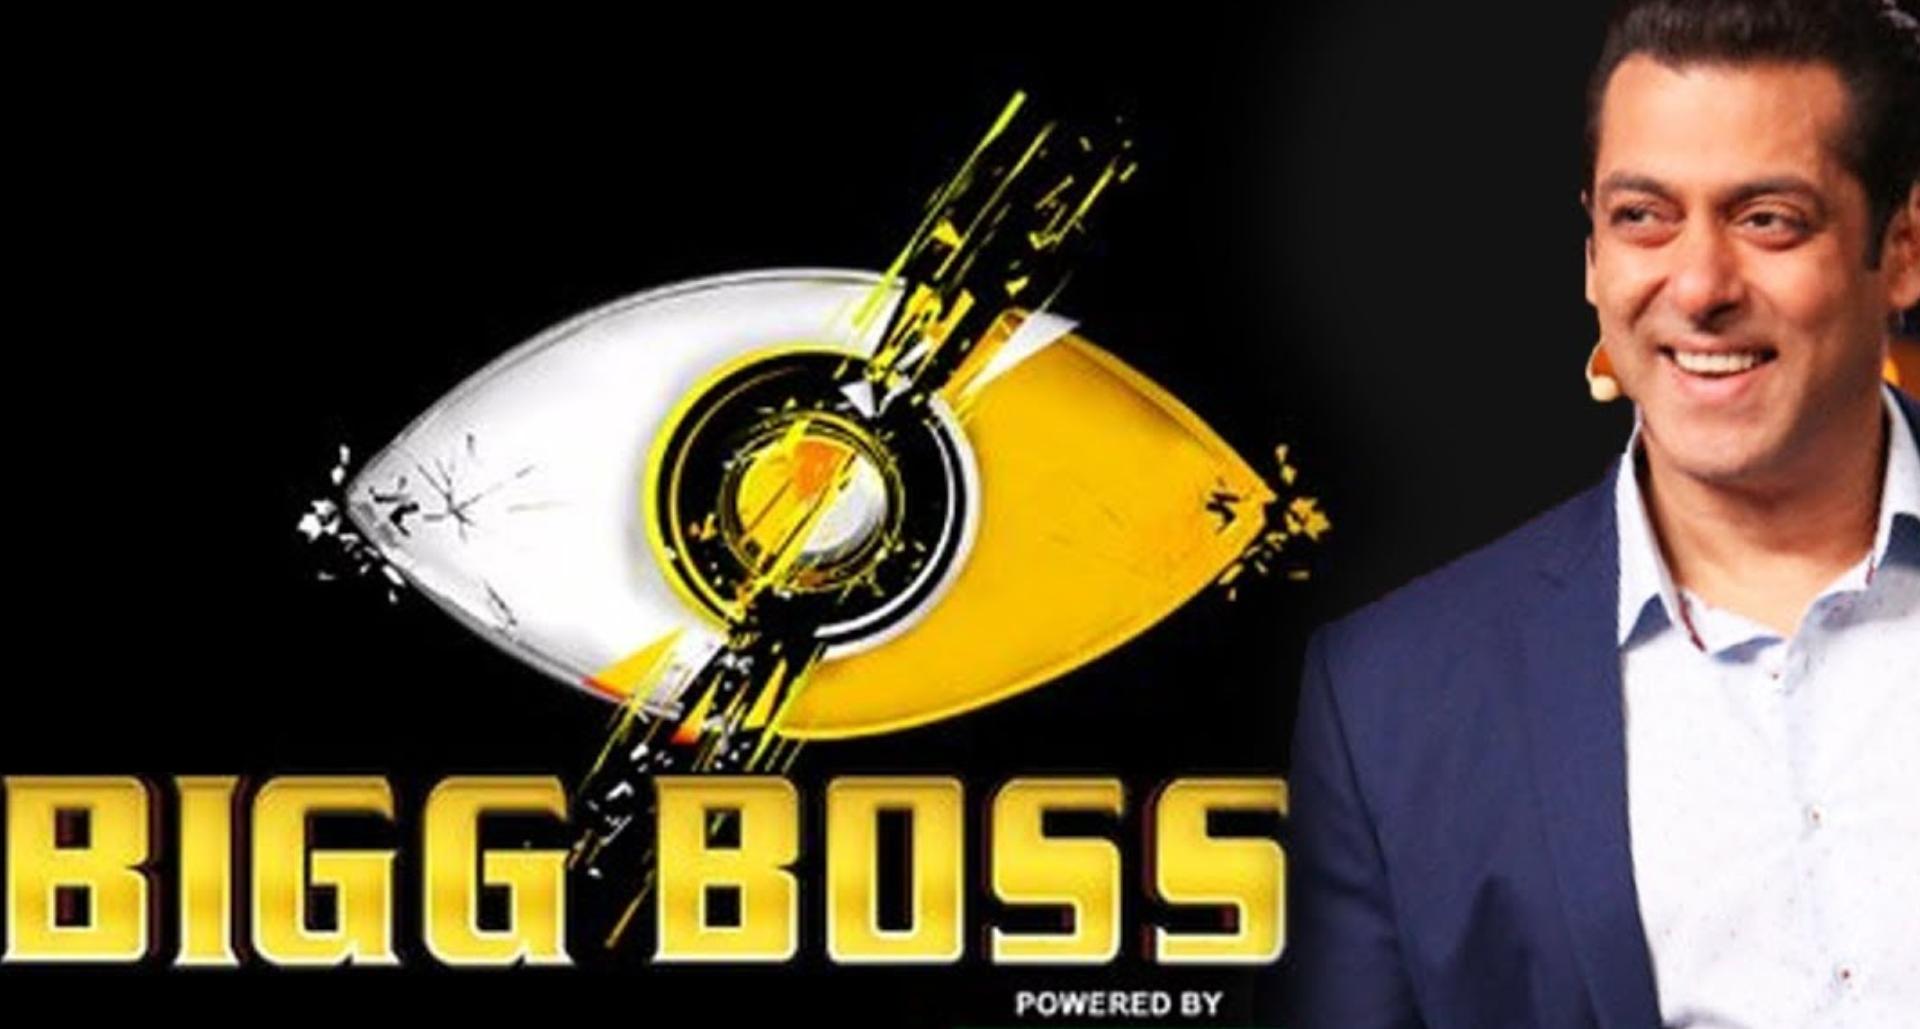 Bigg Boss Shocking Facts: BB का घर भी है 'छुपा रुस्तम', सफाई के लिए कंटेस्टेंट्स नहीं बल्कि होता है पूरा स्टाफ